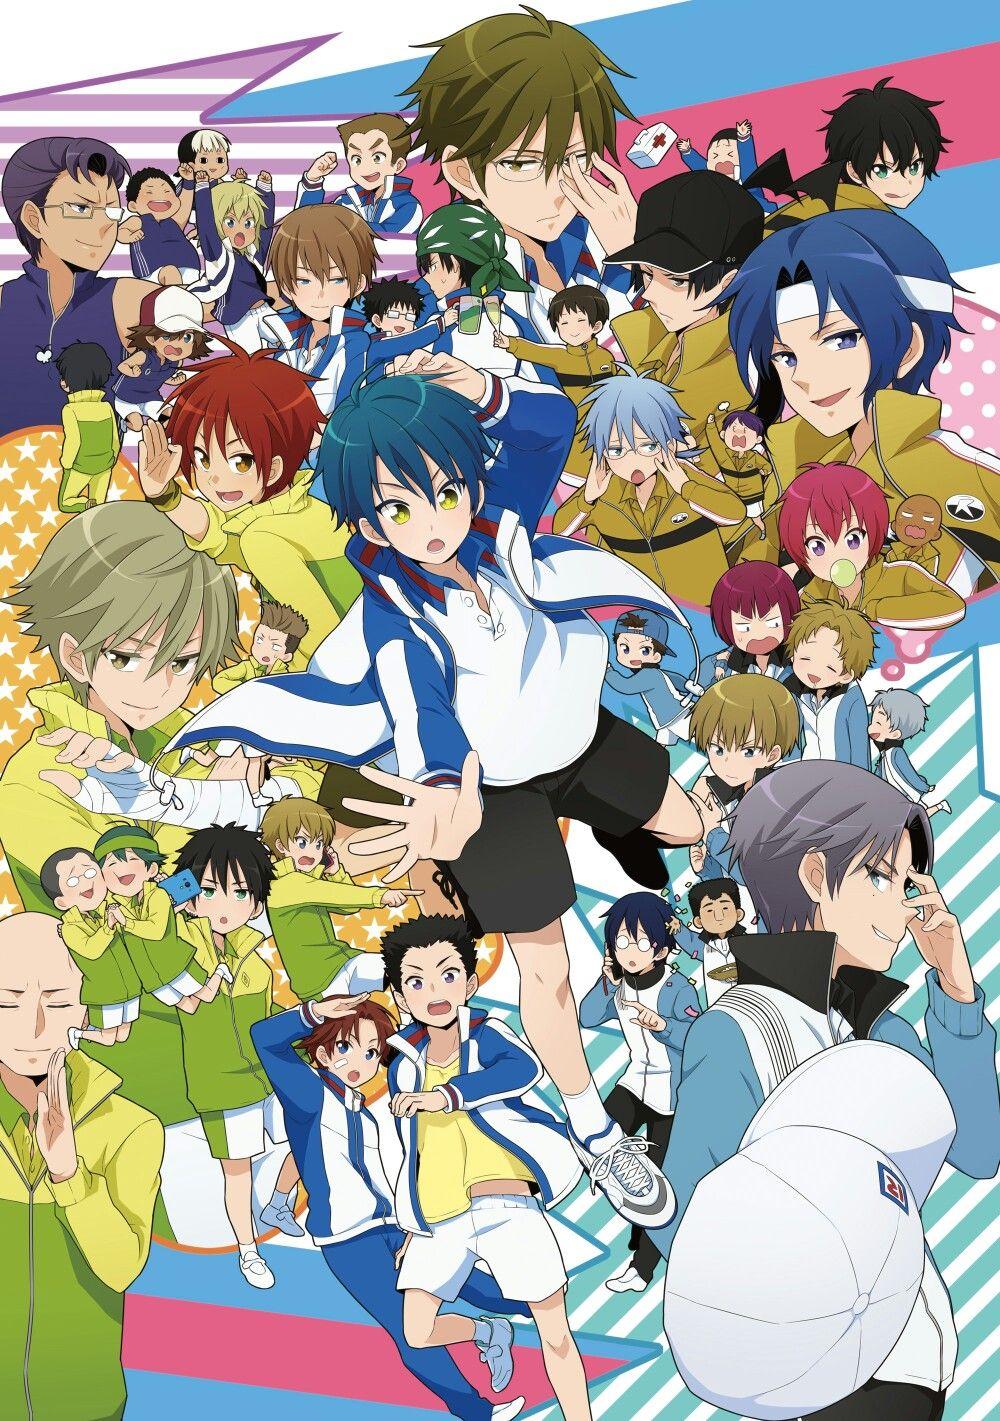 スポーツ アニメ 人気